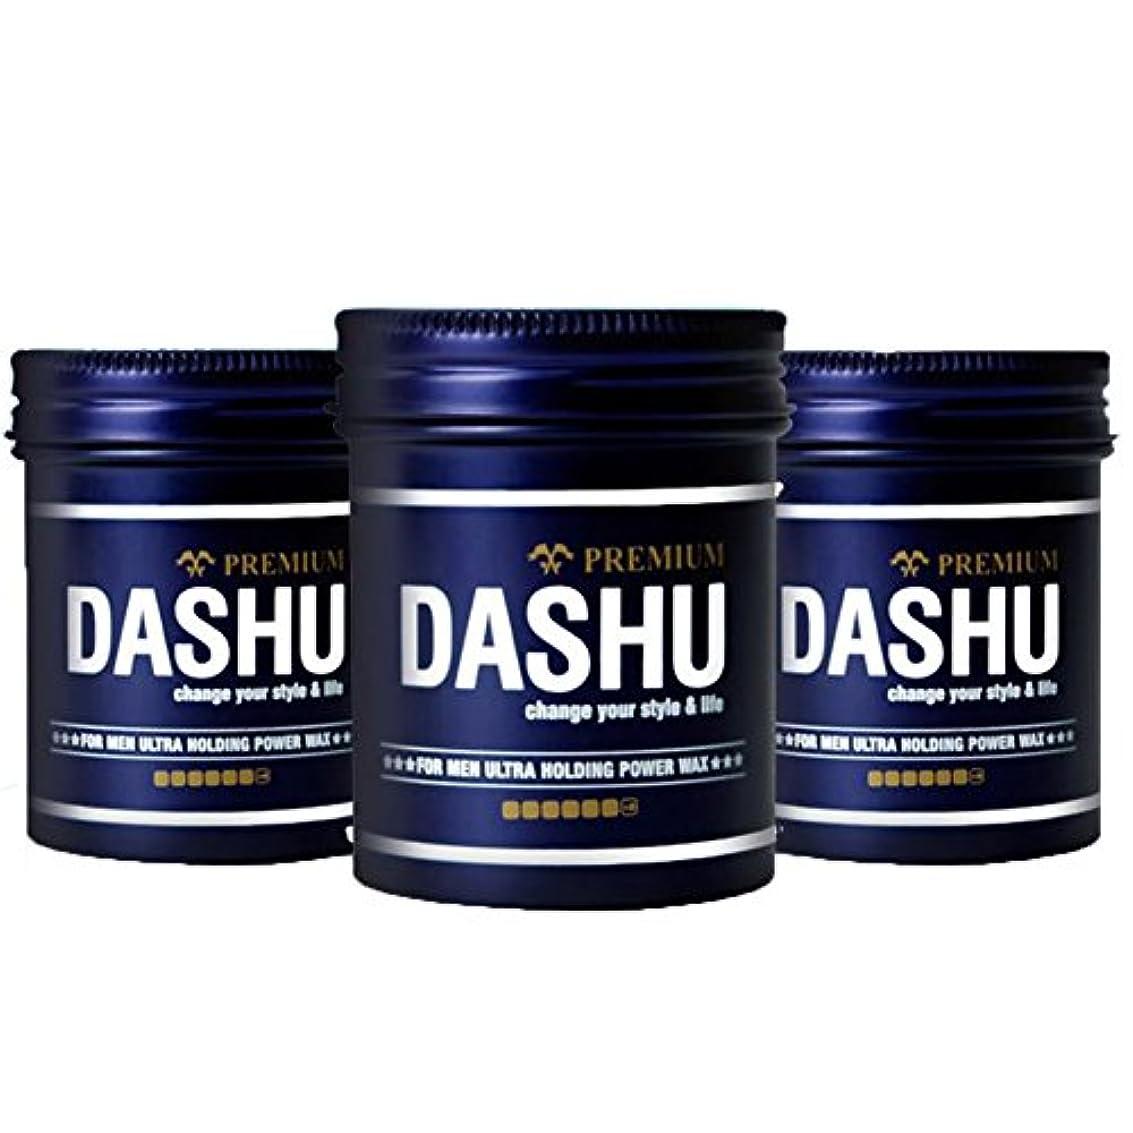 欠如変形ジュラシックパーク(3個セット) x [DASHU] ダシュ For Men男性用 プレミアムウルトラホールディングパワーワックス Premium Ultra Holding Power Hair Wax 100m l/ 韓国製 . 韓国直送品